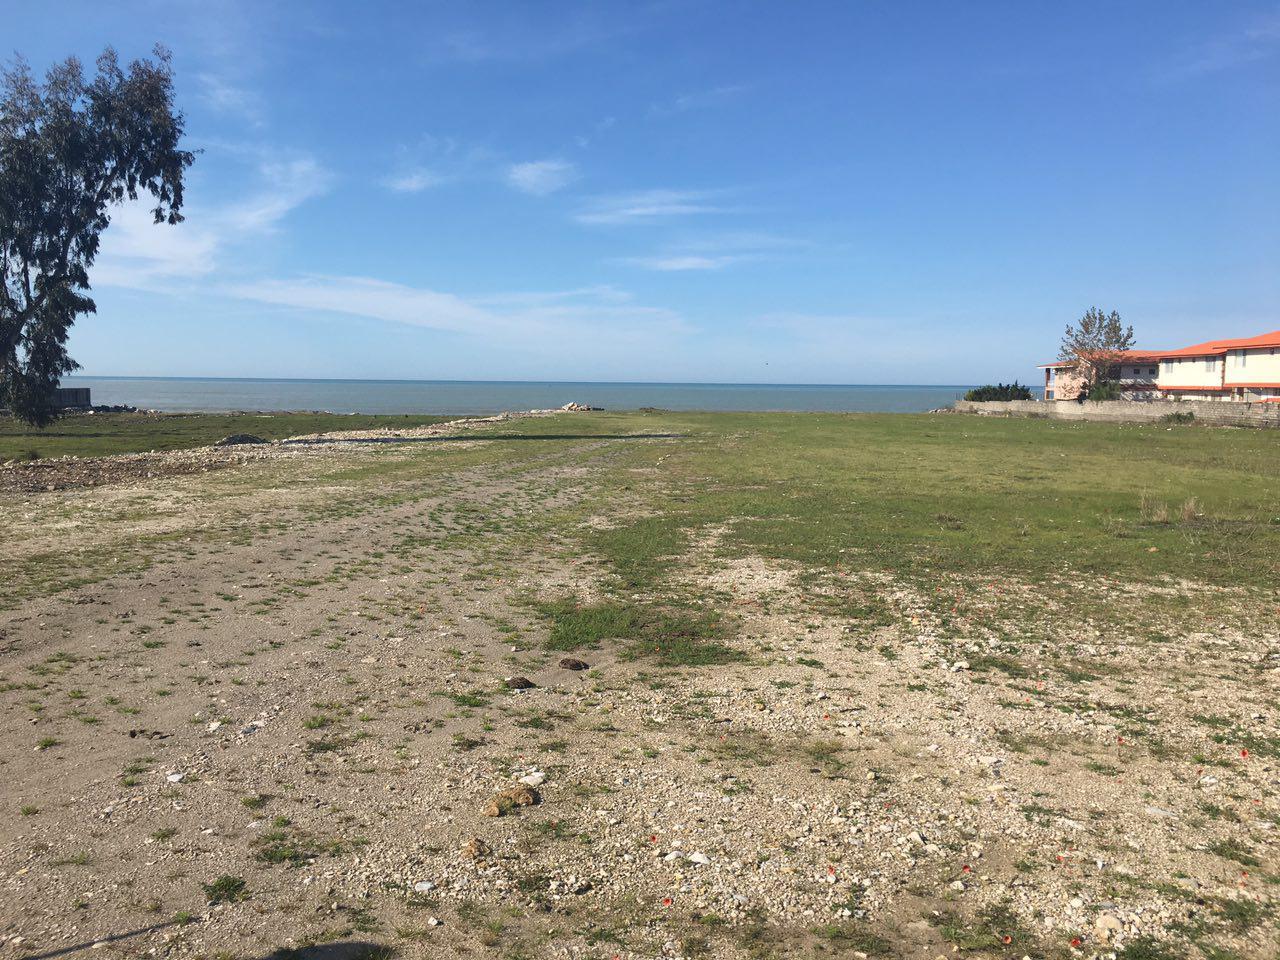 فروش 6 هکتار زمین ساحلی نوشهر